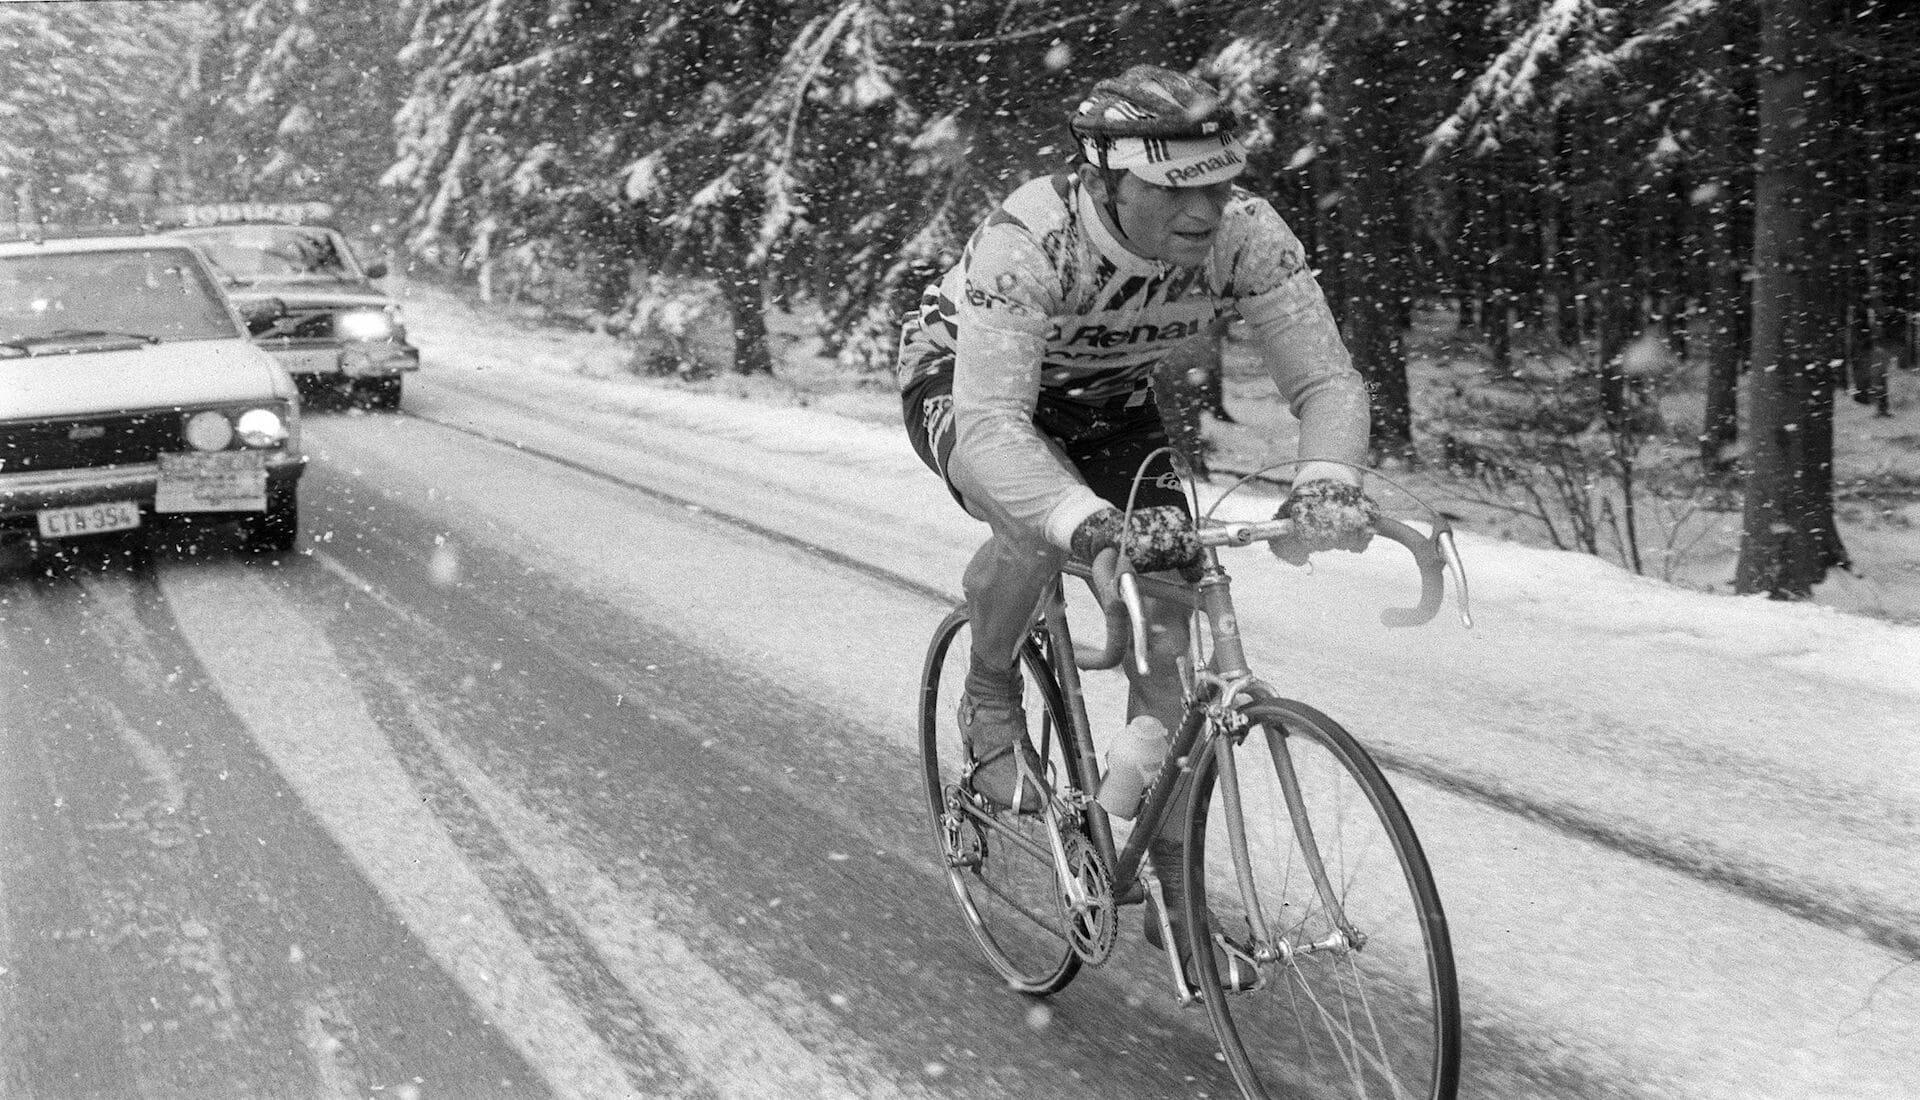 Quand Bernard Hinault remportait Liège-Bastogne-Liège sous la neige